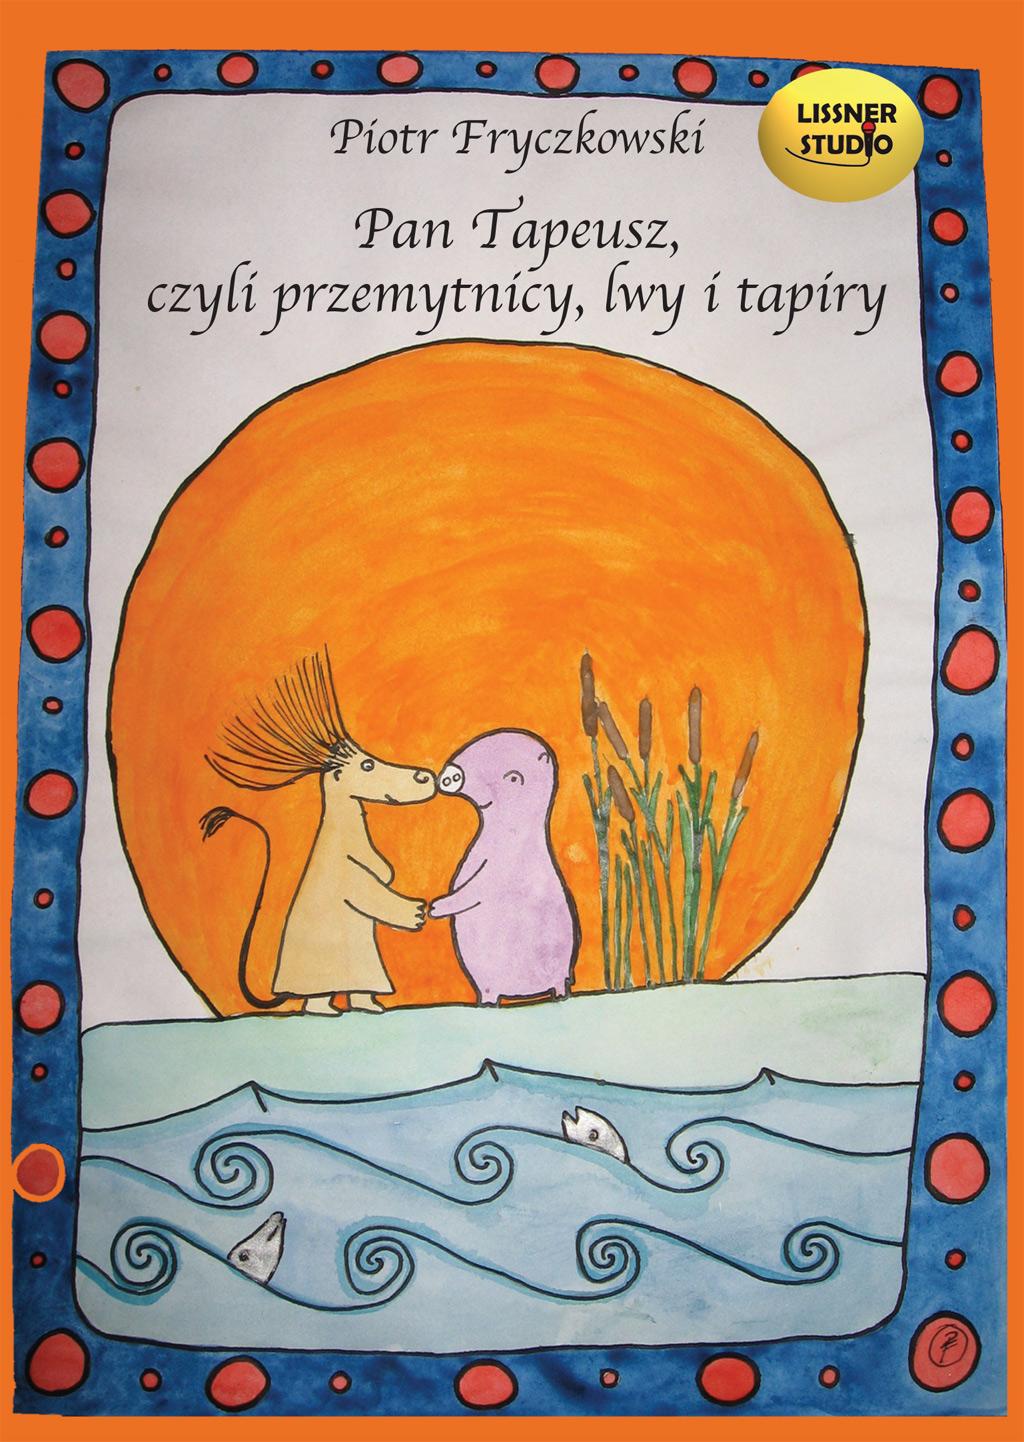 Pan Tapeusz, czyli przemytnicy, lwy i tapiry e-book bajka